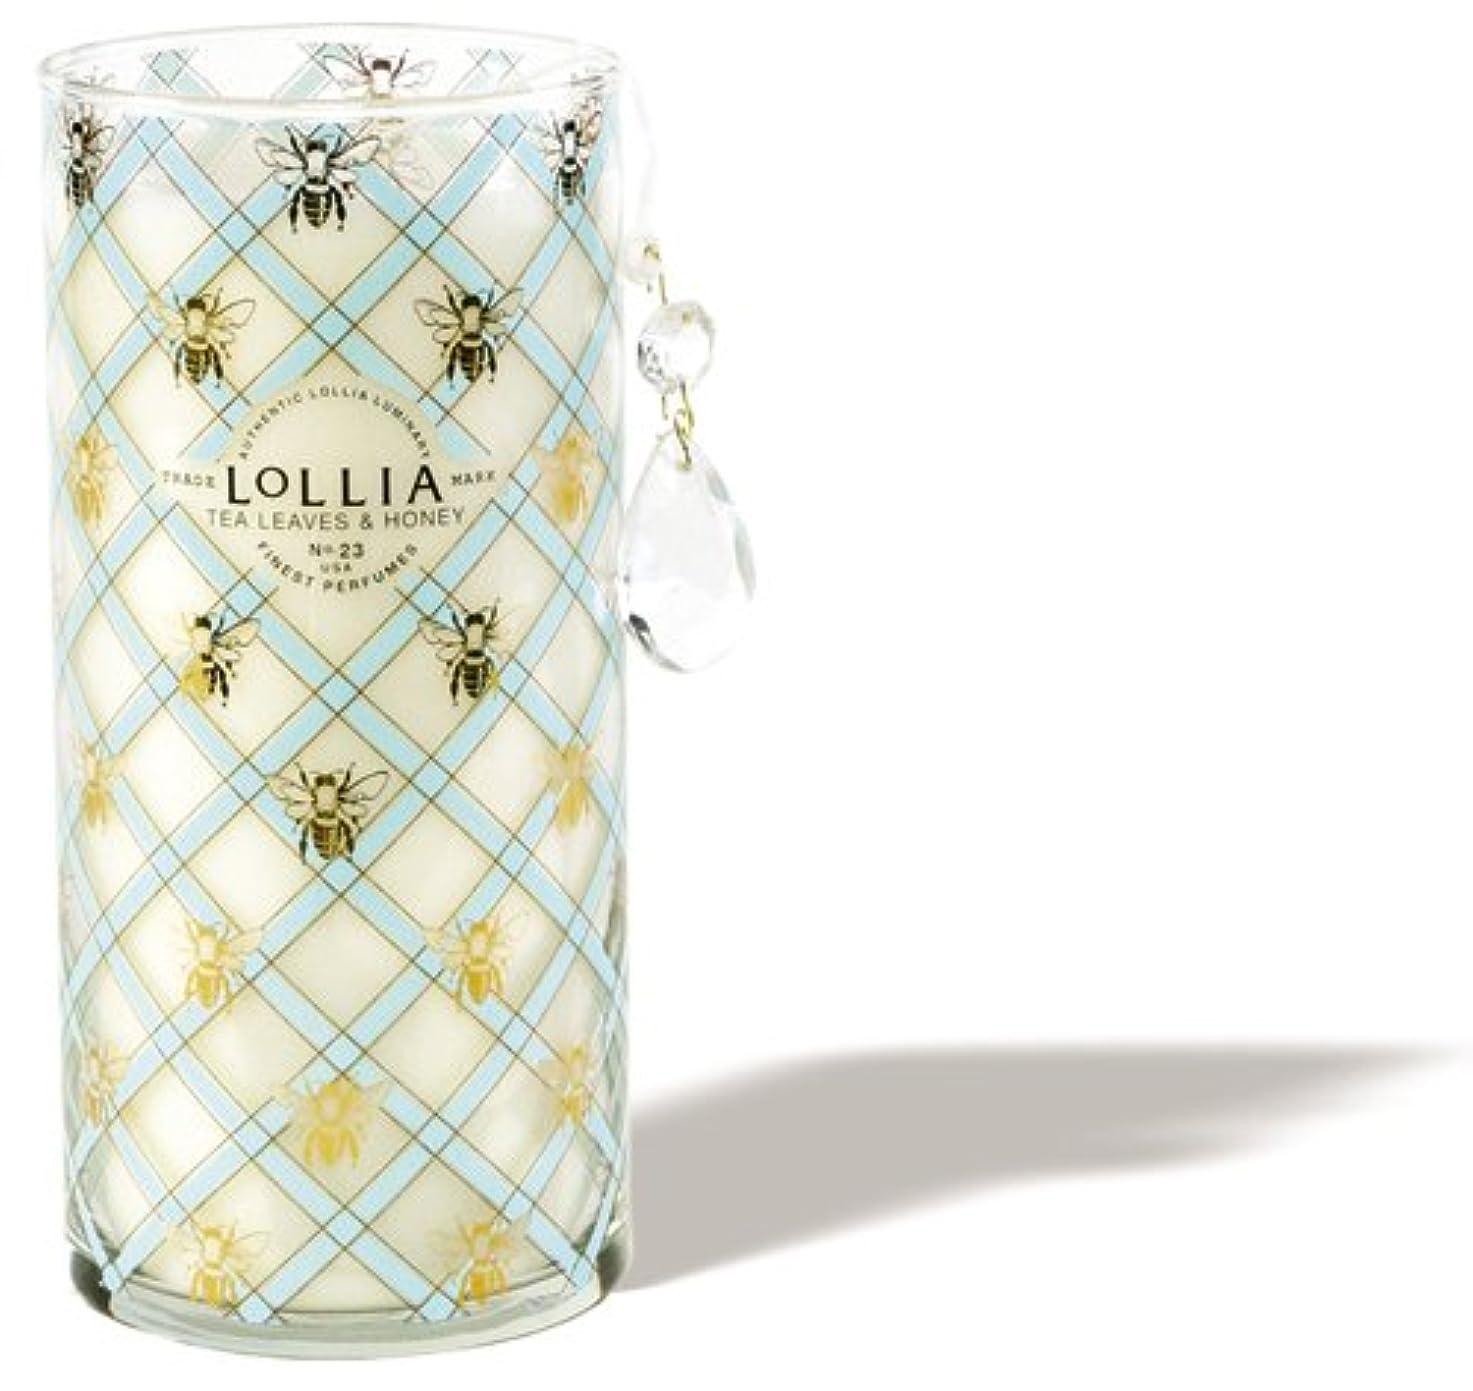 累積些細な美人ロリア(LoLLIA) トールパフュームドルミナリー790g Wish(チャーム付キャンドル ティーリーフ&ハニーの香り)